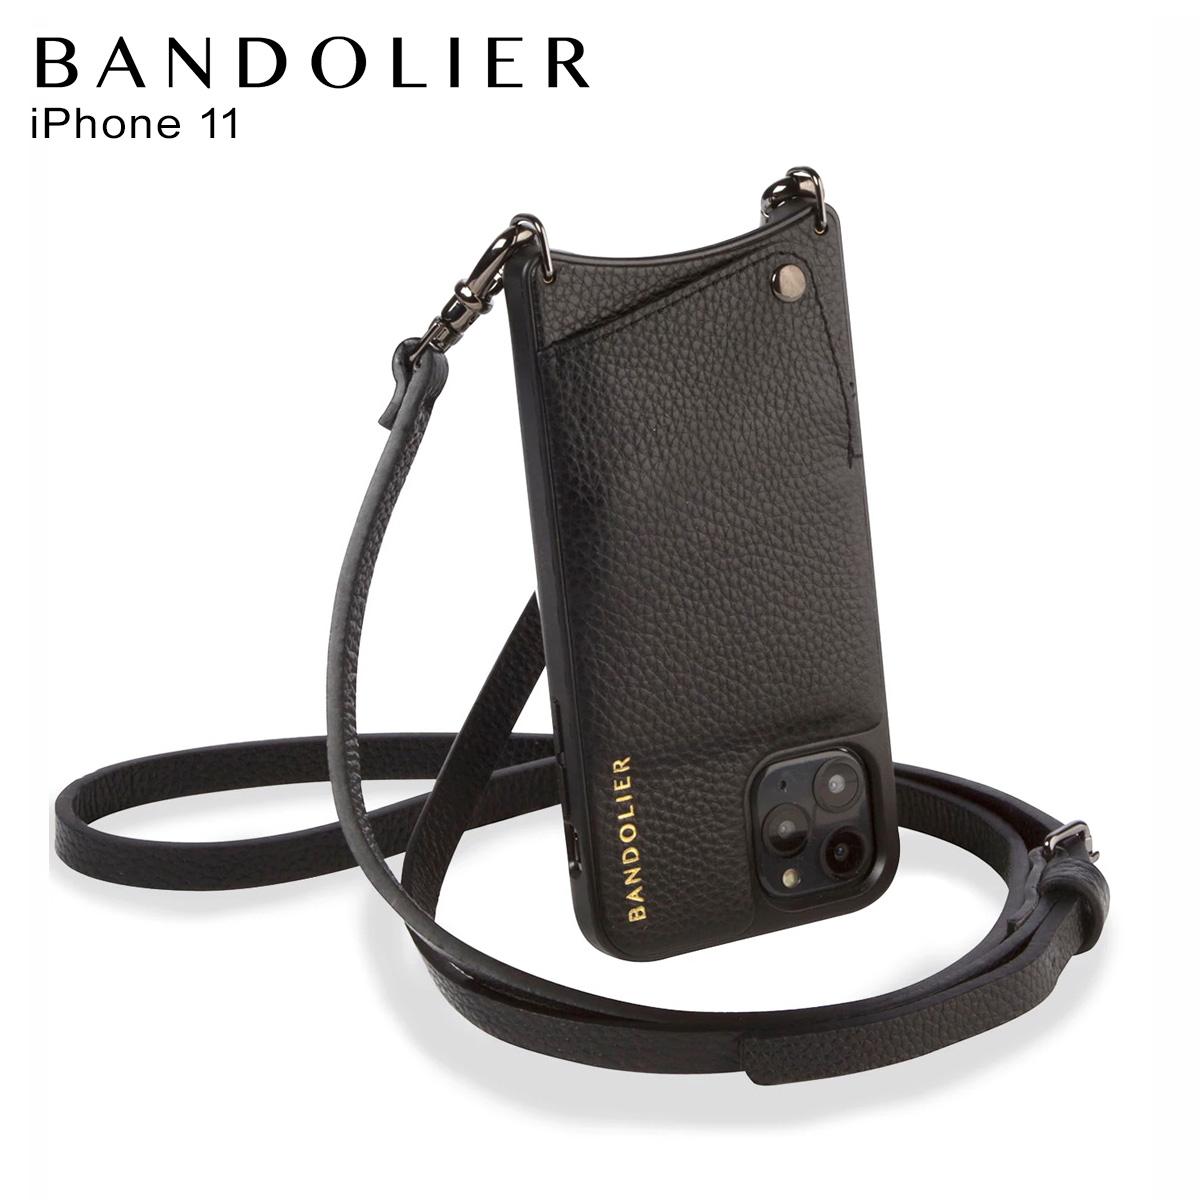 BANDOLIER EMMA PEWTER バンドリヤー エマ ピューター iPhone11 ケース スマホ 携帯 ショルダー アイフォン メンズ レディース ブラック 黒 2980